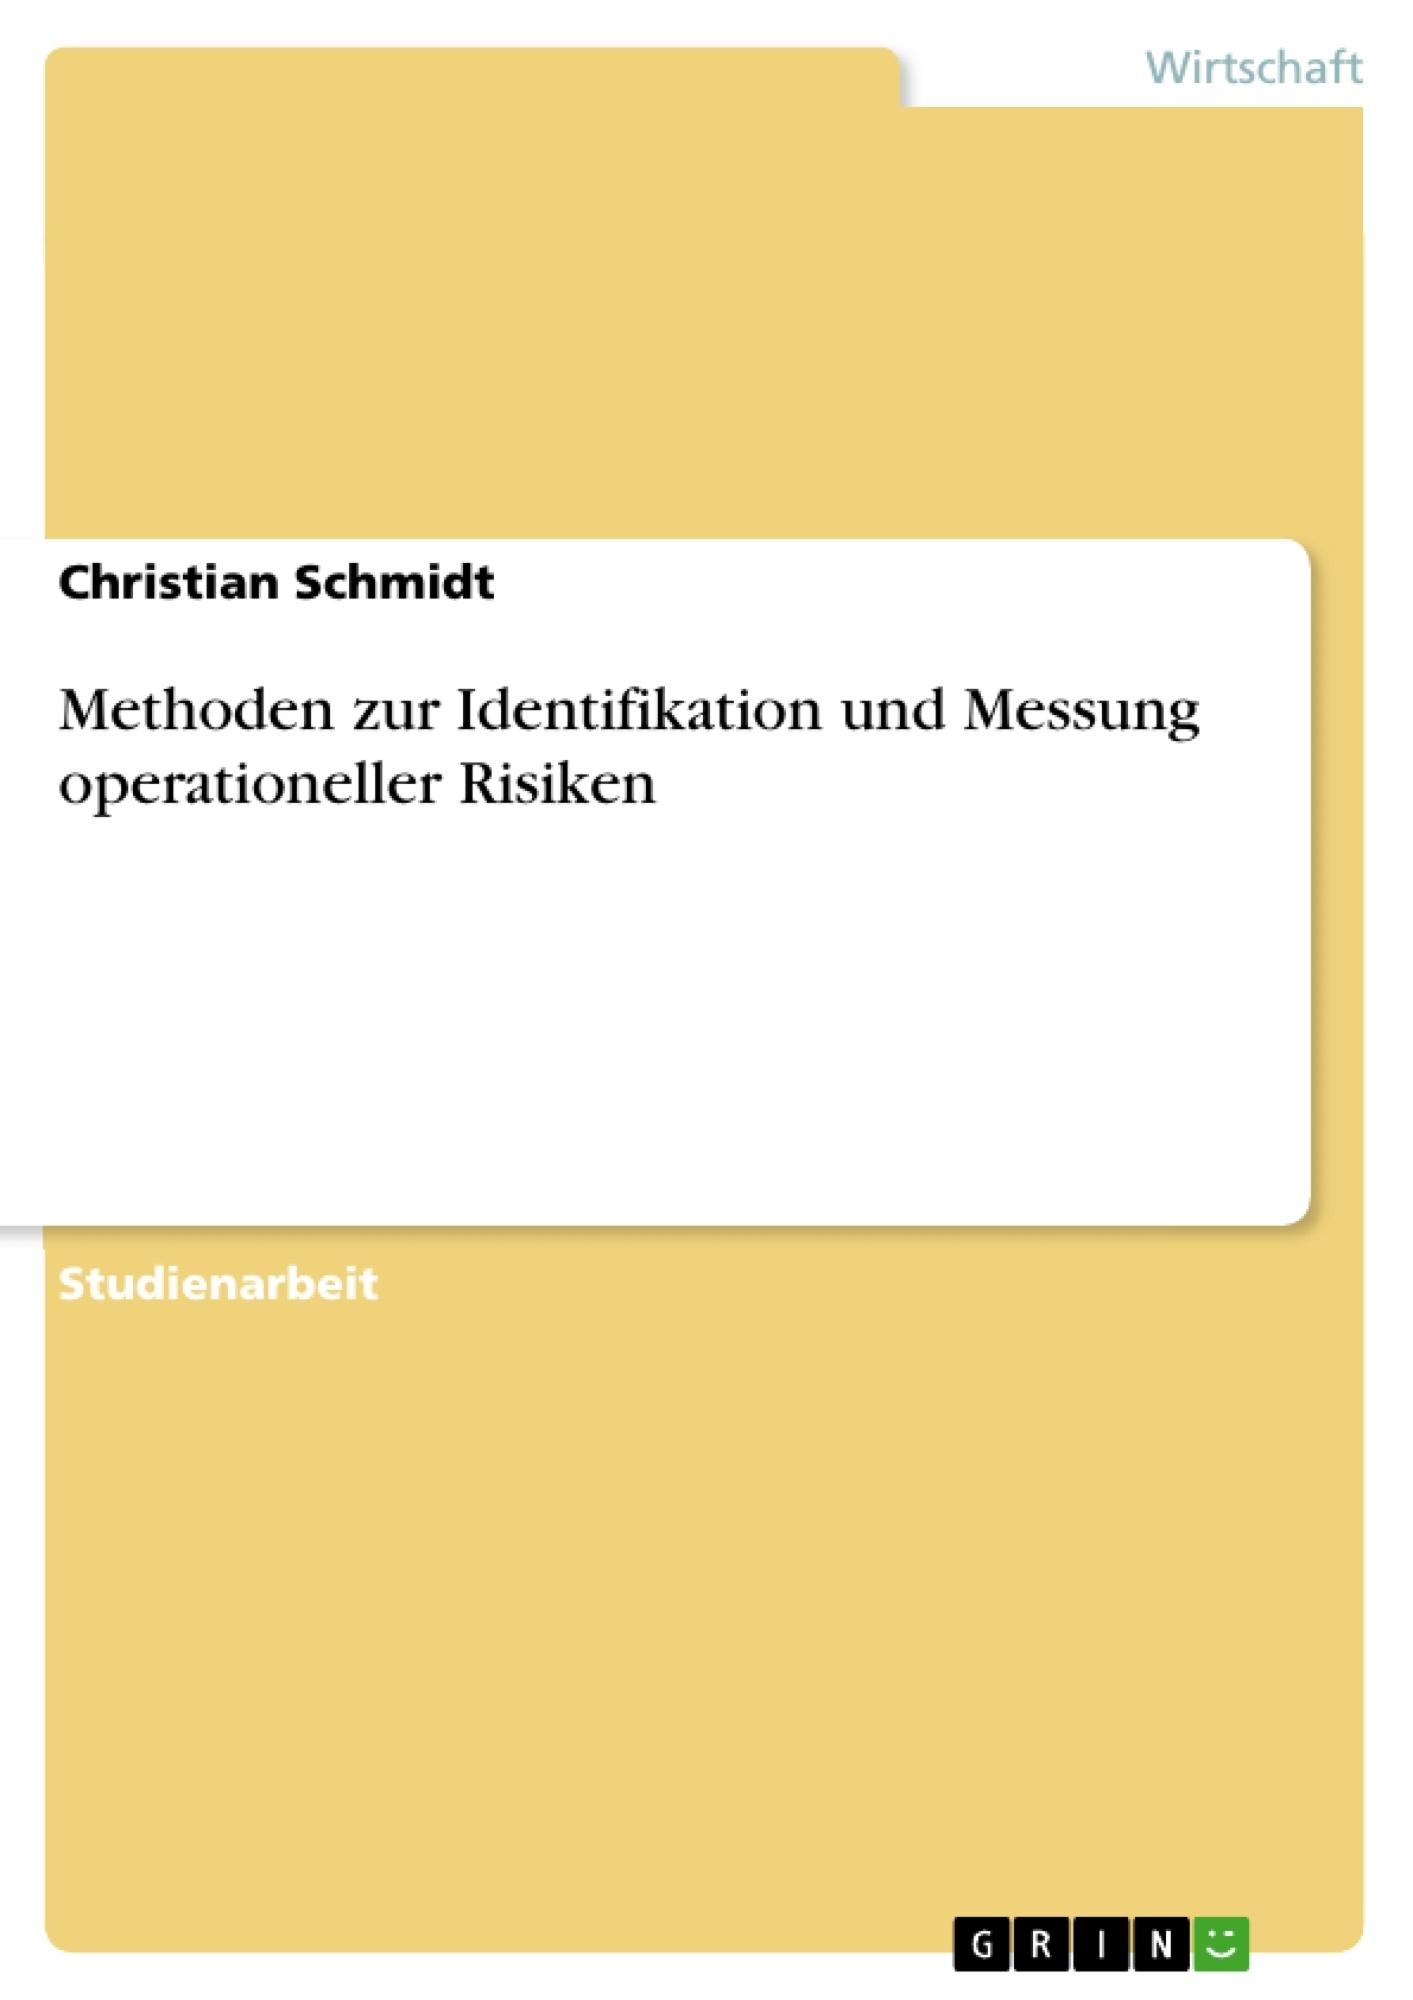 Titel: Methoden zur Identifikation und Messung operationeller Risiken